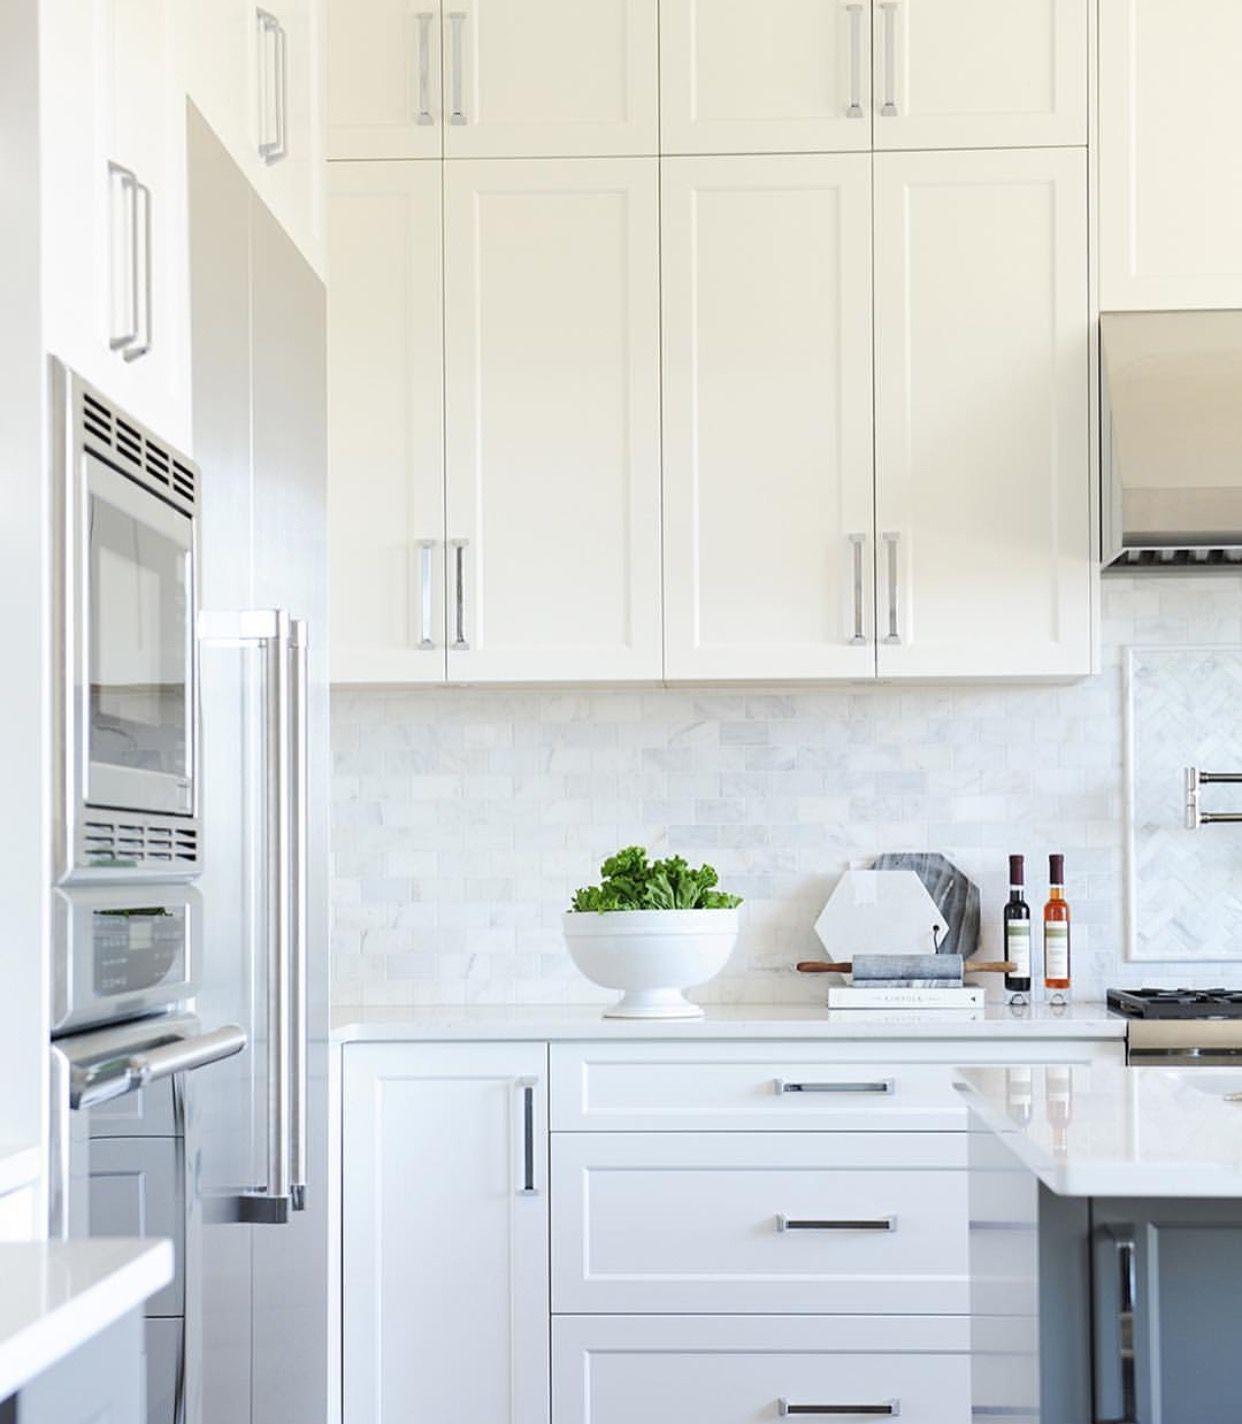 Küchenschränke, Küchen Spritzschutz, Rückwand Verkleiden, Küchenweiß, Moderne  Weiße Küchen, Evans